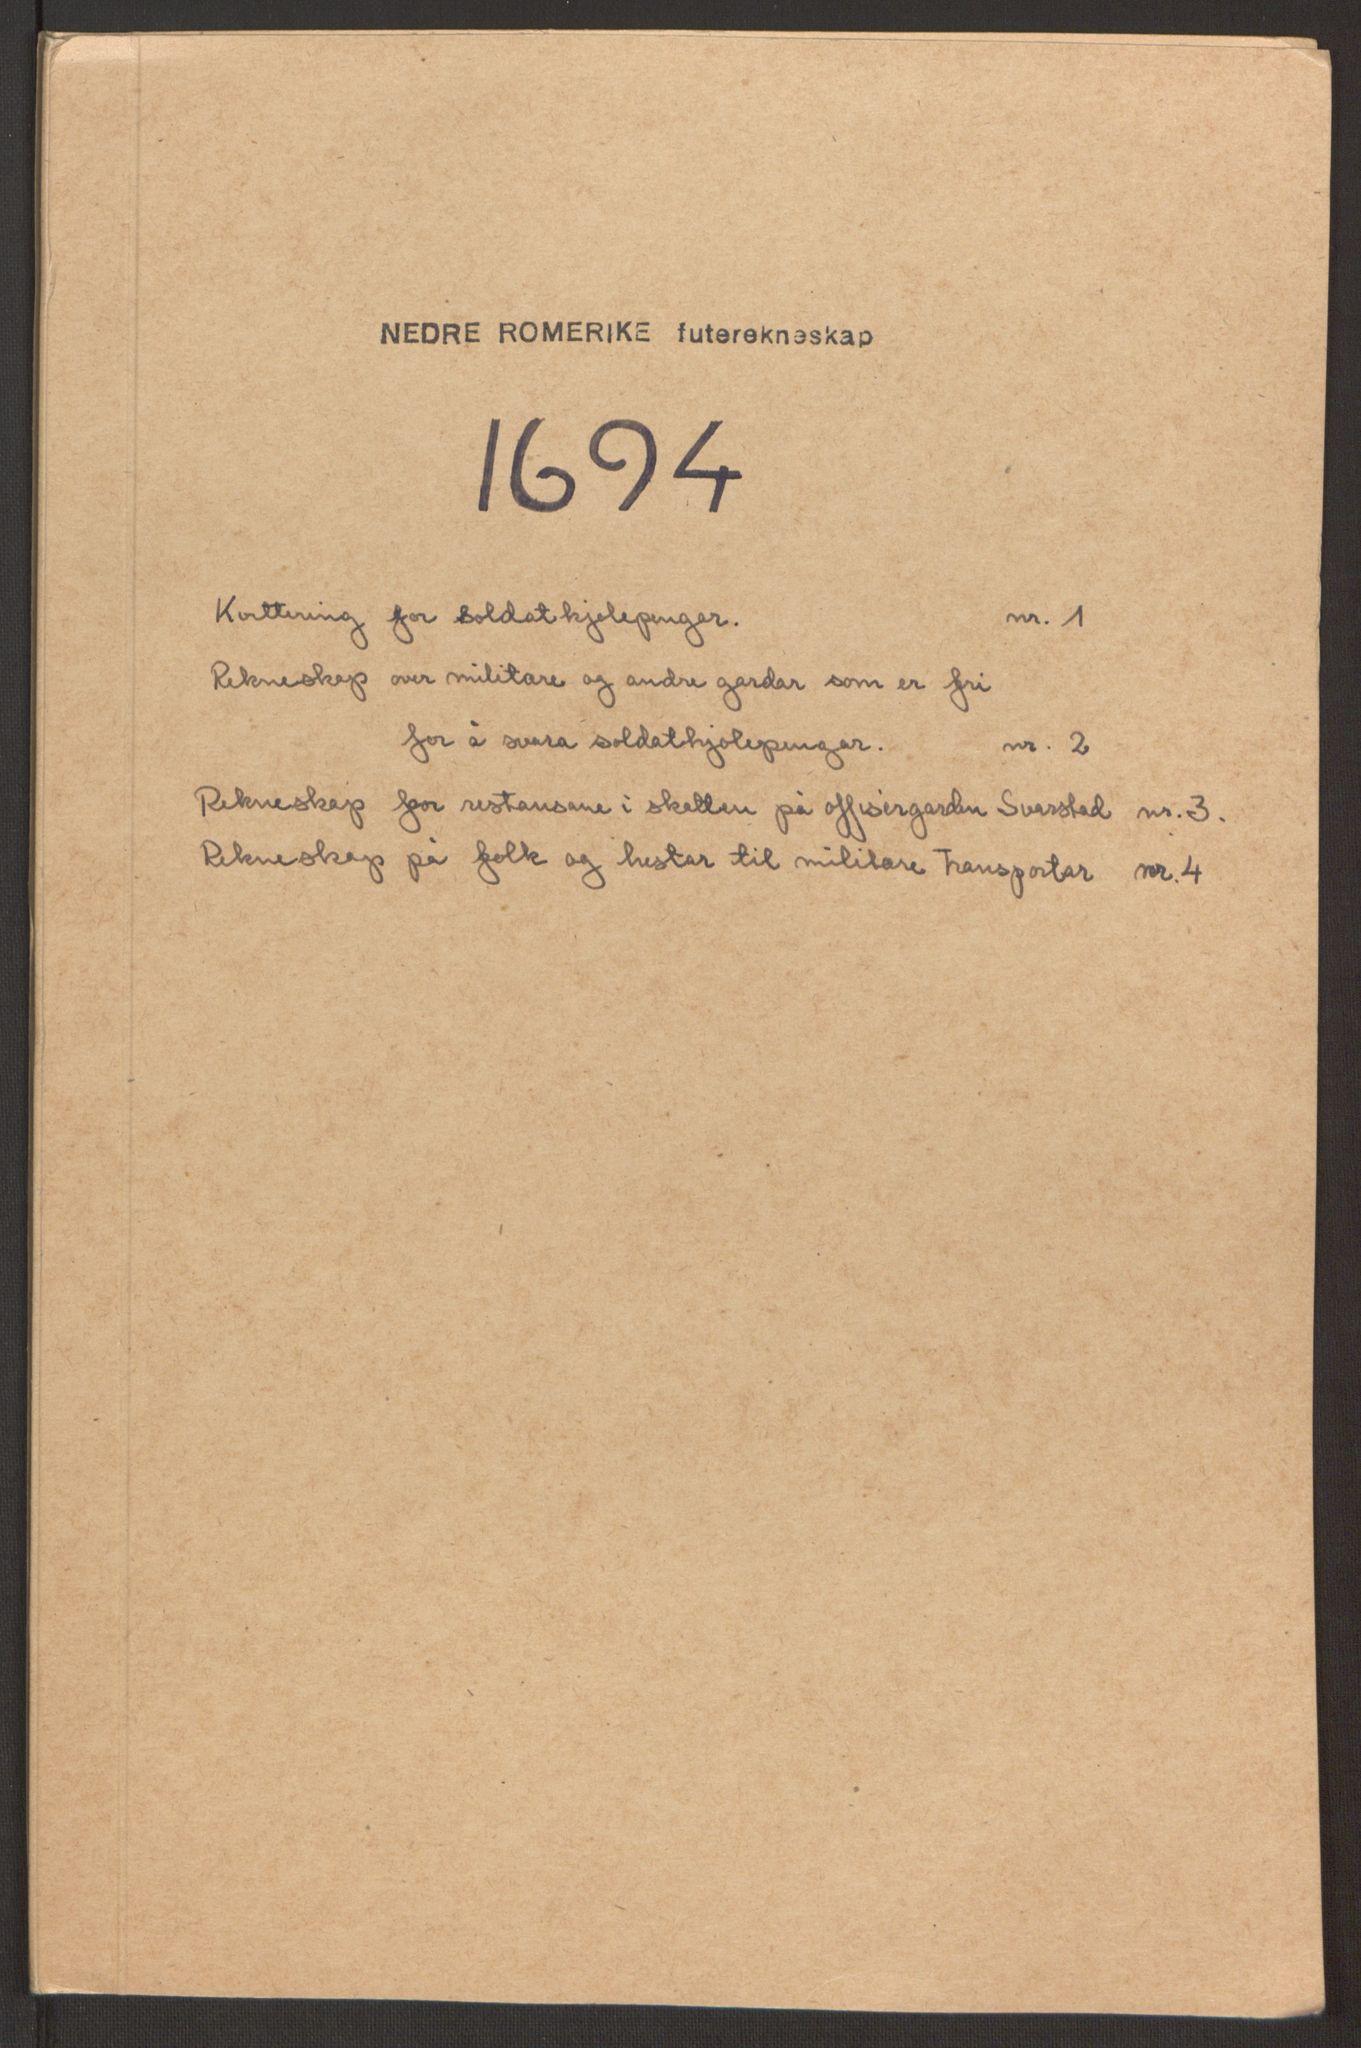 RA, Rentekammeret inntil 1814, Reviderte regnskaper, Fogderegnskap, R11/L0579: Fogderegnskap Nedre Romerike, 1694-1695, s. 209